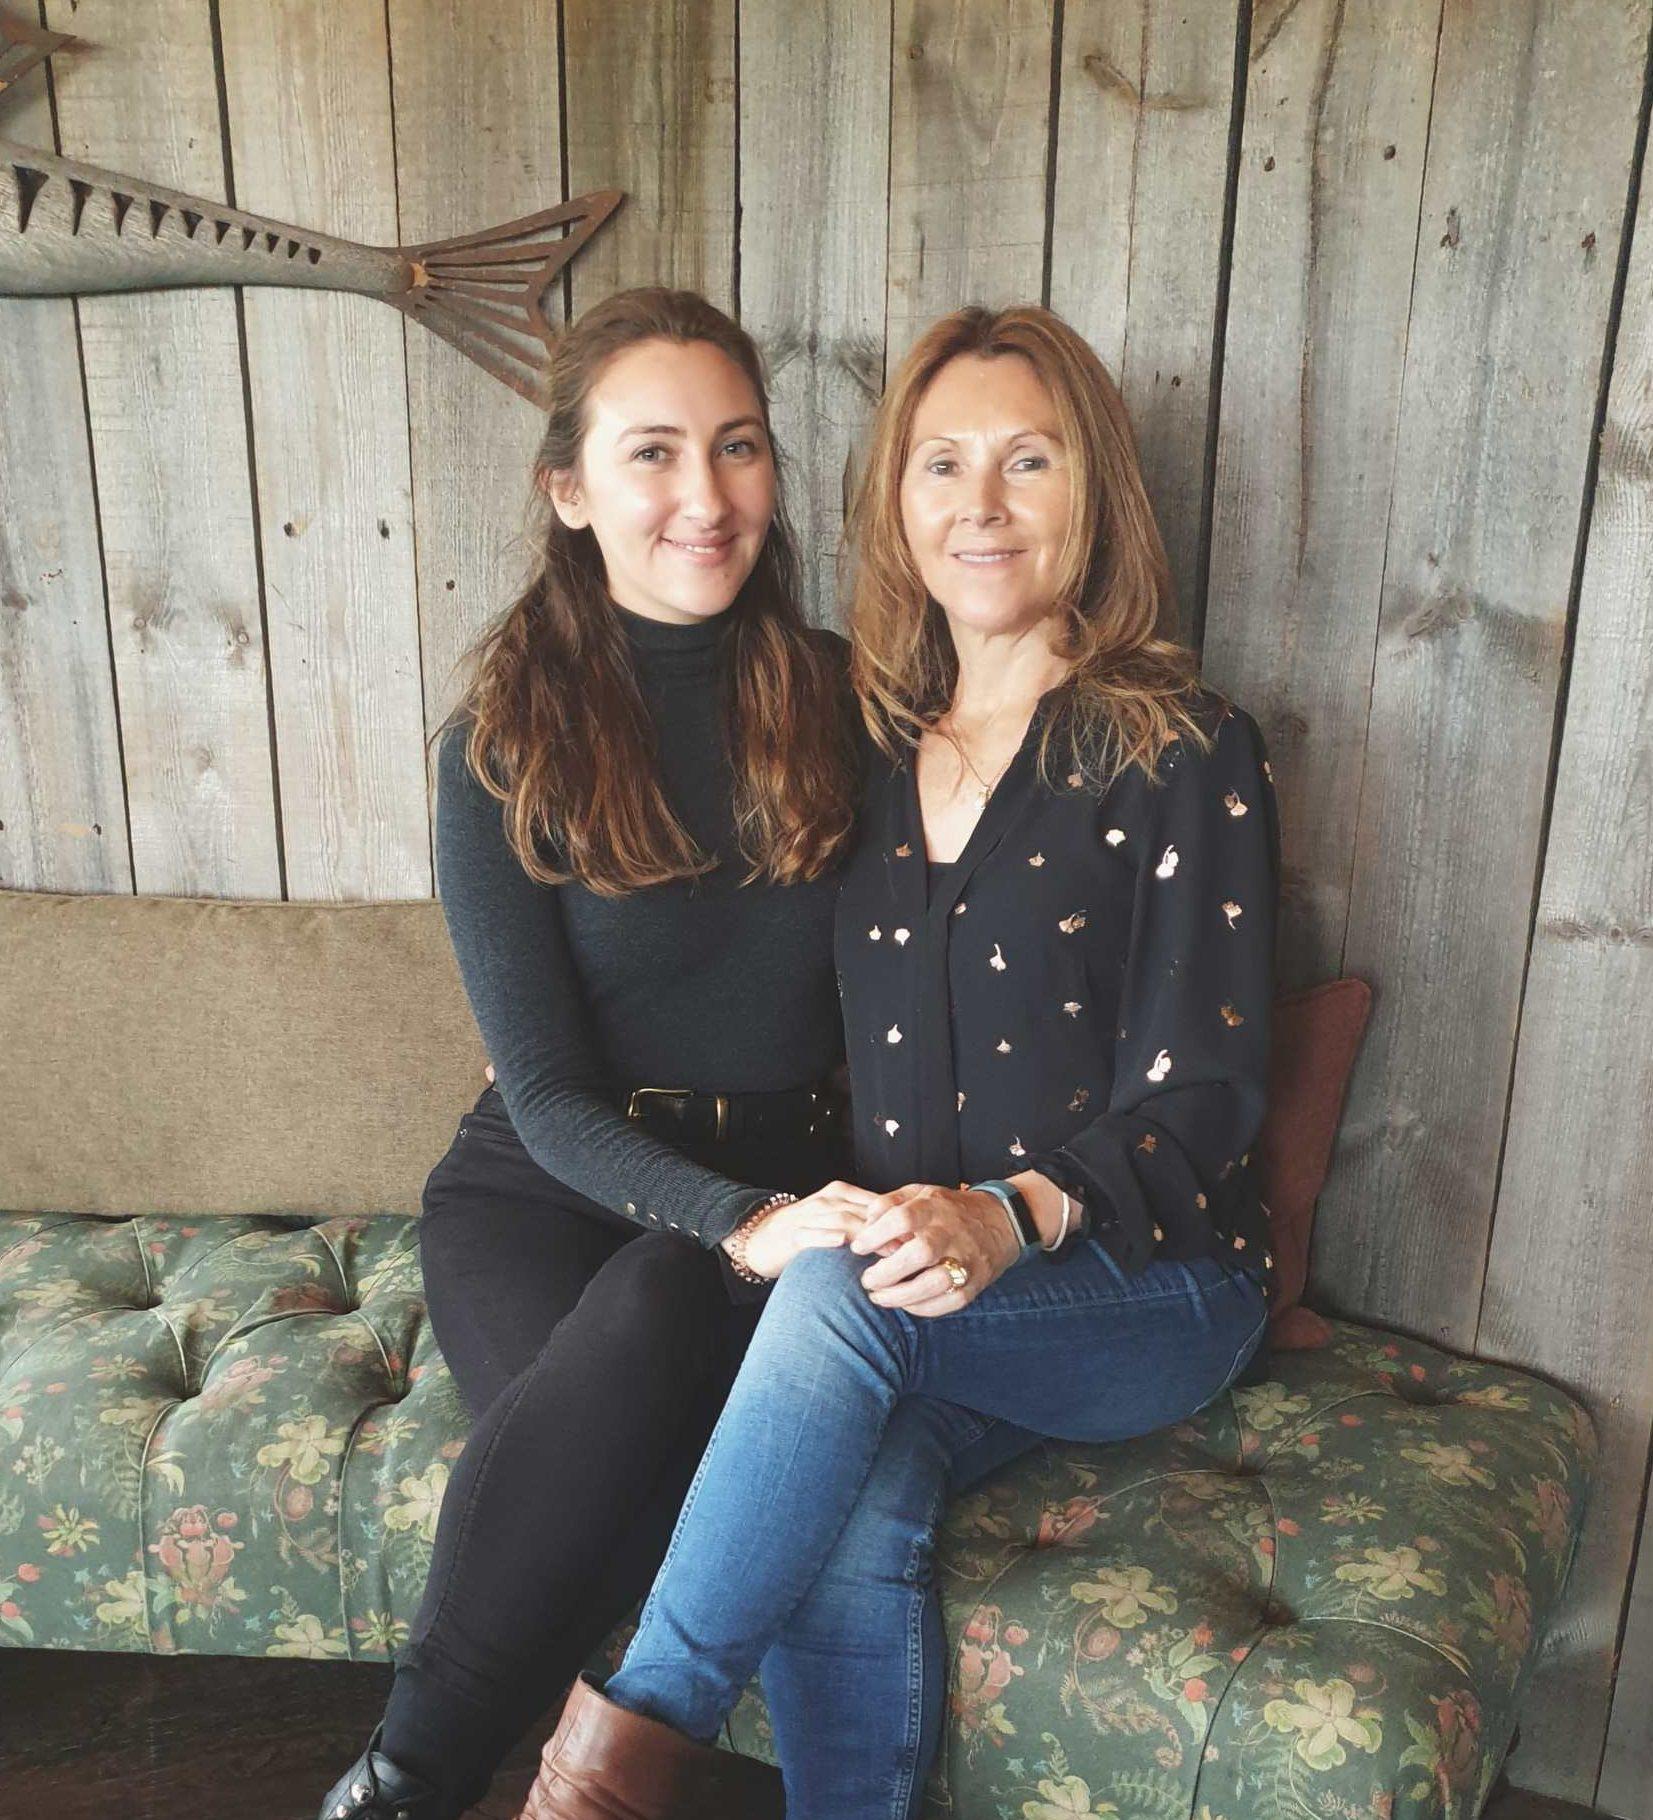 Photo de mère et fille. 2 femmes aux cheveux bruns mi-longs.